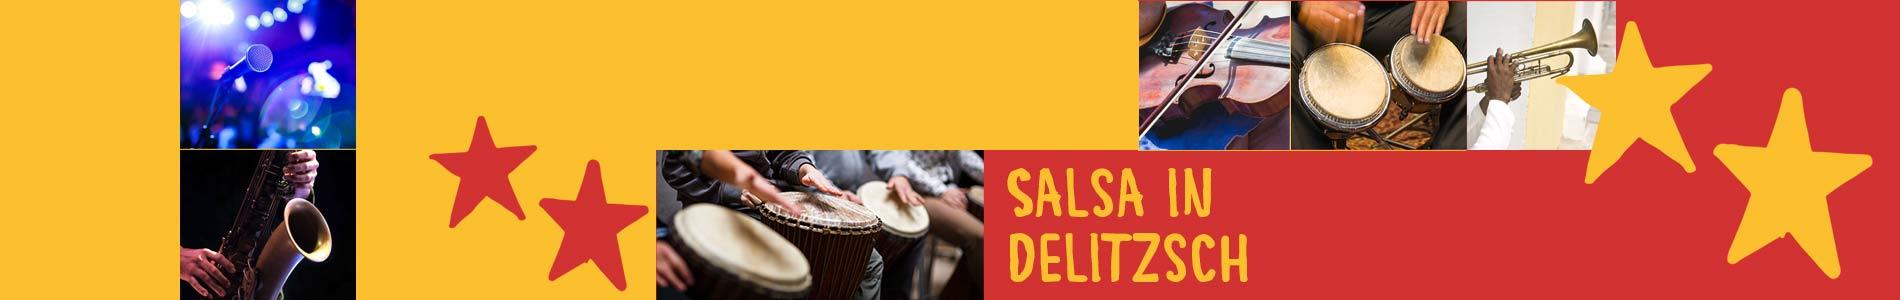 Salsa in Delitzsch – Salsa lernen und tanzen, Tanzkurse, Partys, Veranstaltungen